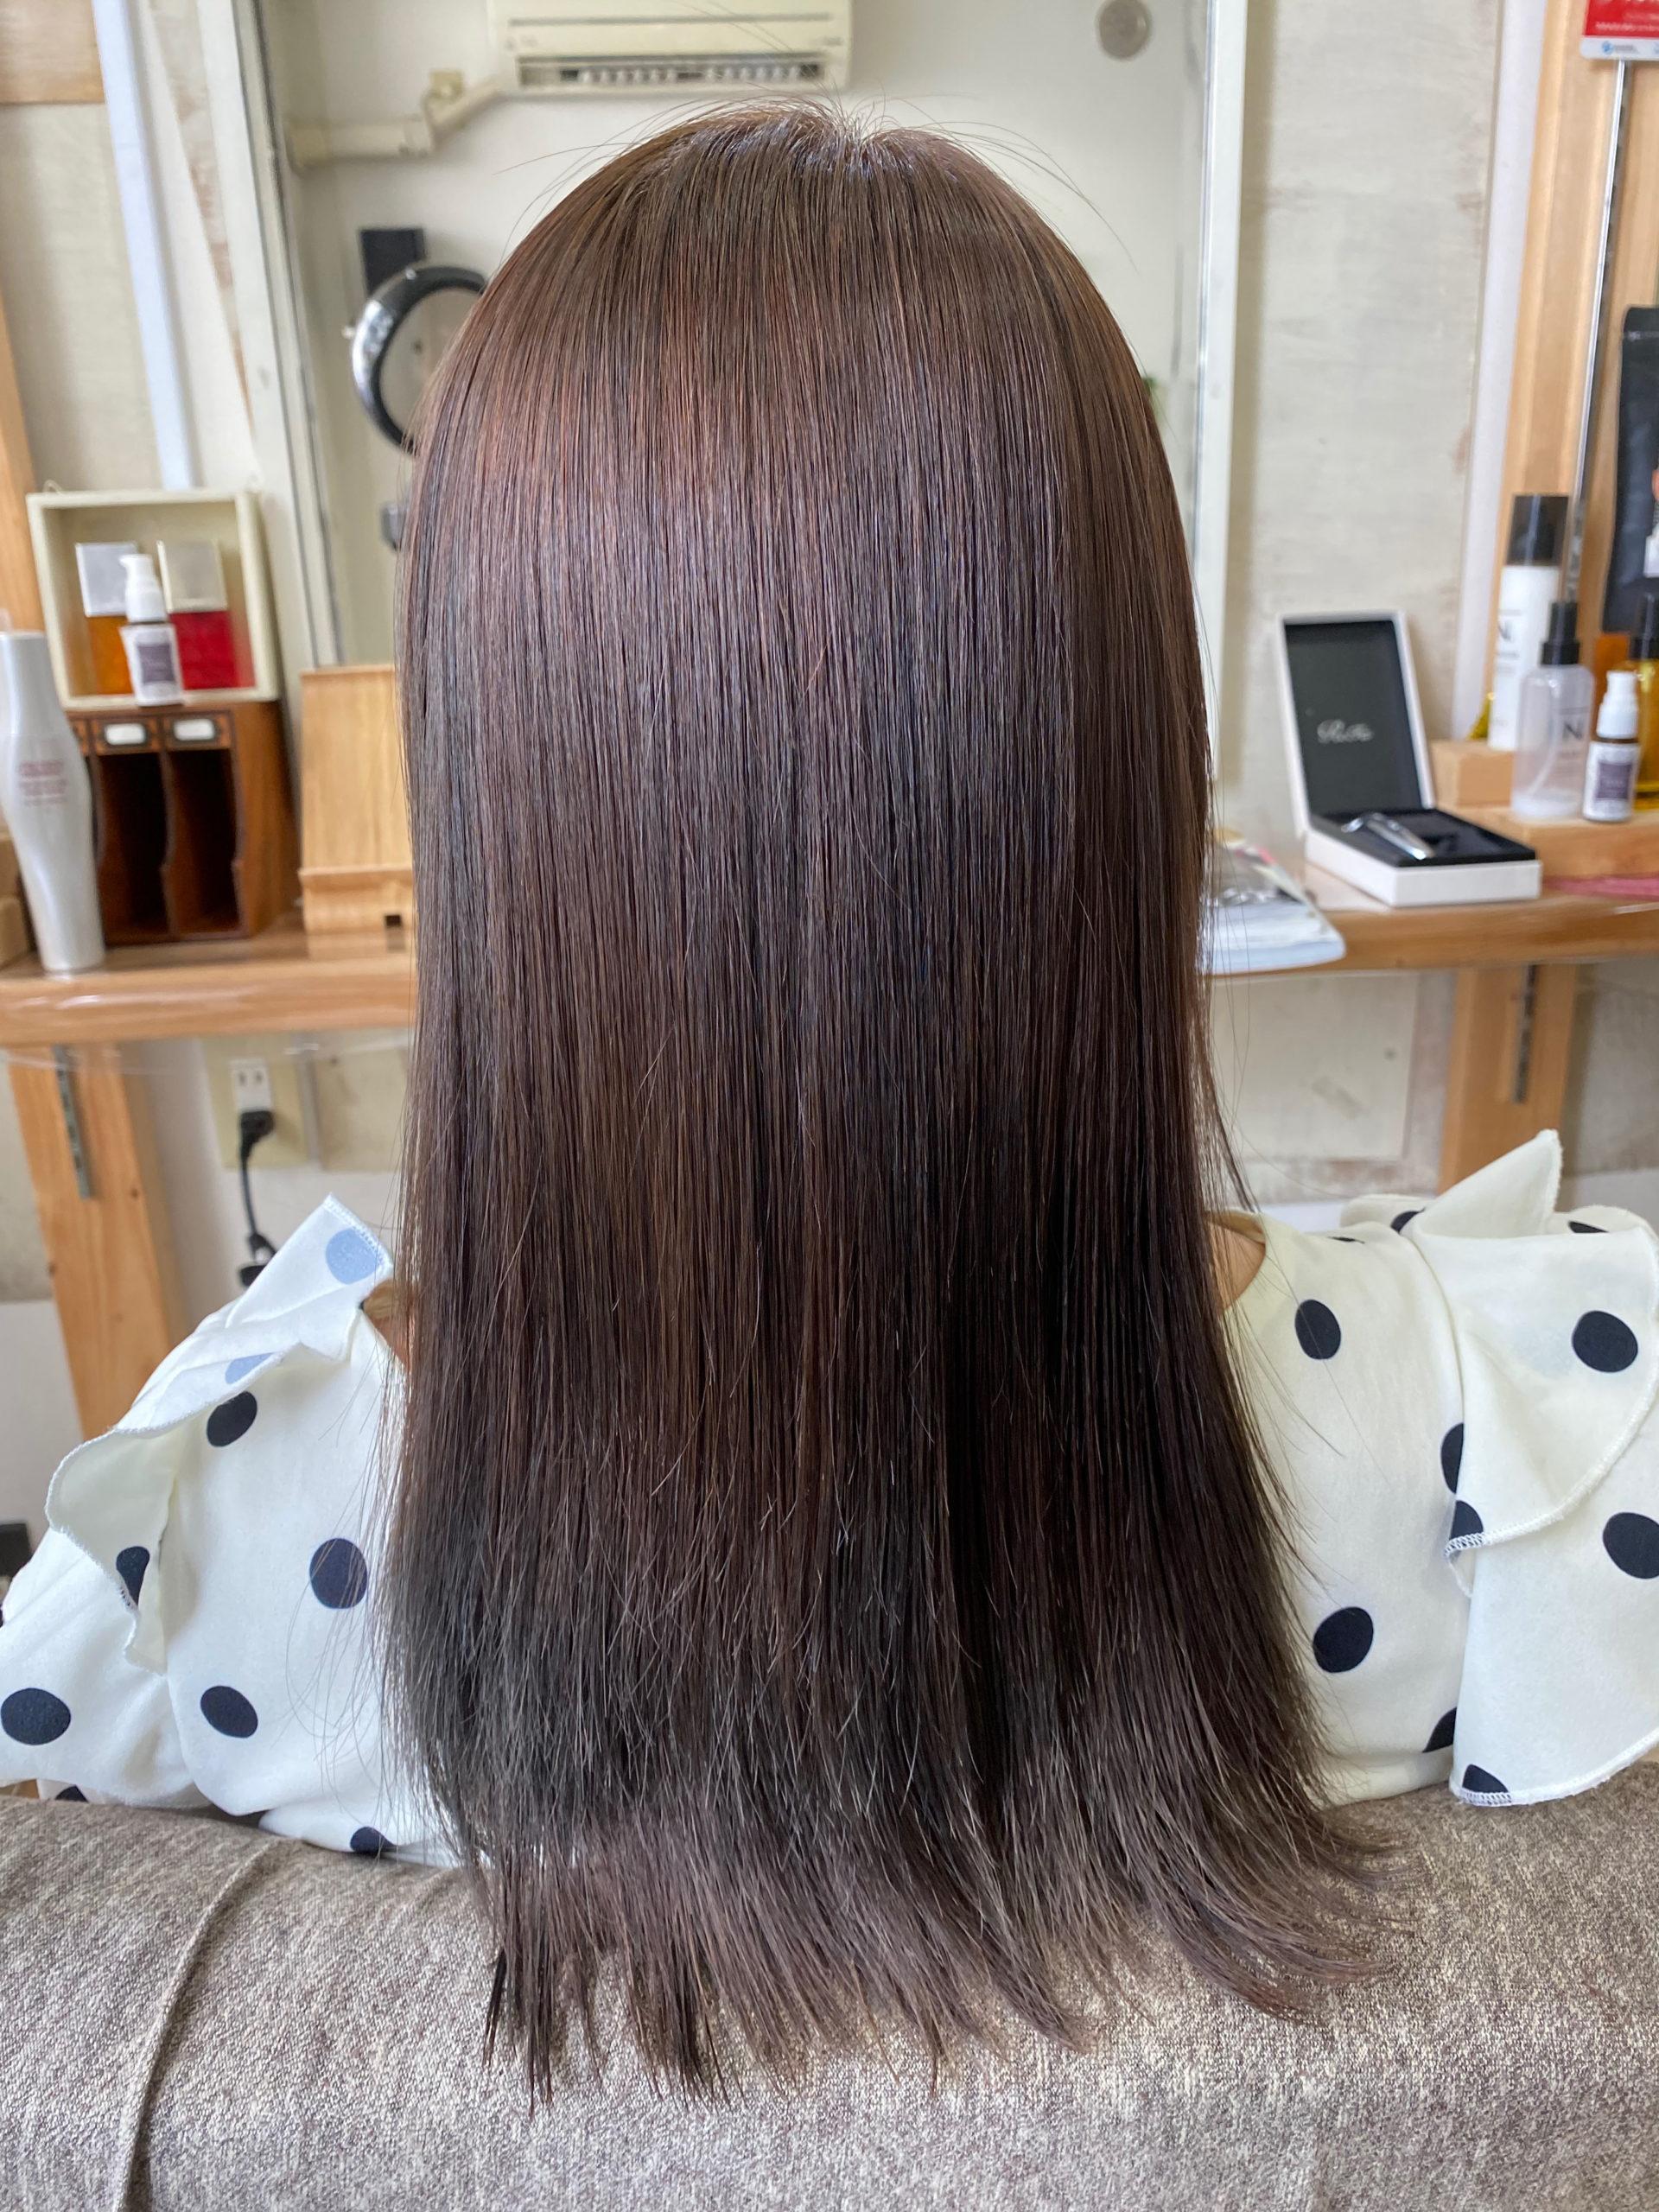 ブリーチ毛でパサつきが気になる方に縮毛矯正で艶髪。原宿・表参道『髪のお悩みを解決するヘアケア美容師の挑戦』